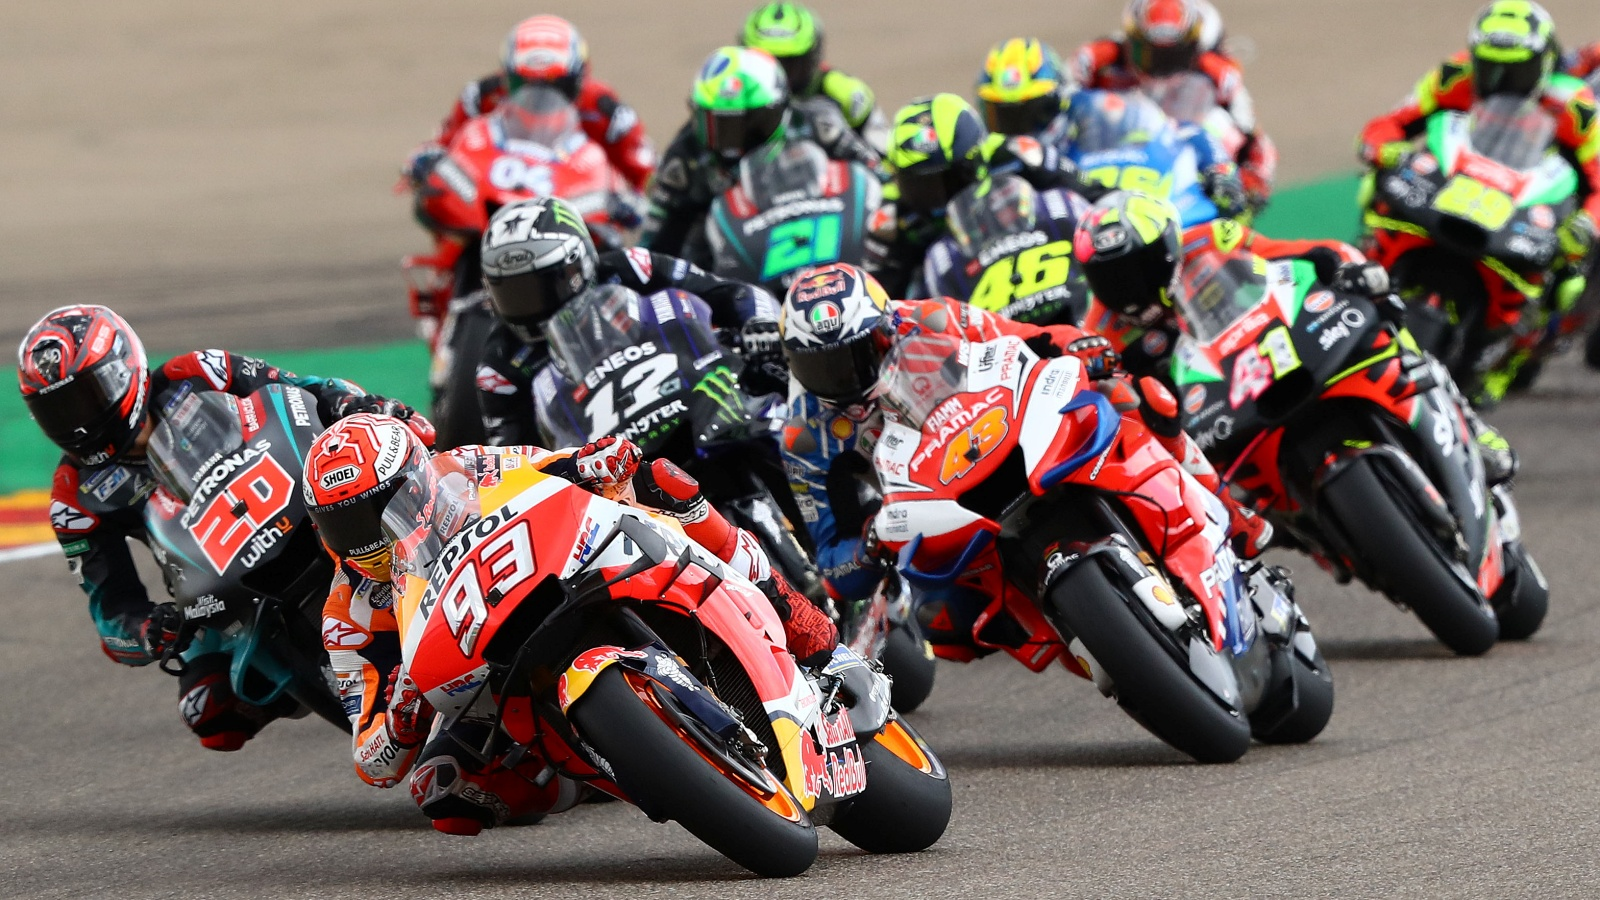 La era Marc Márquez y el desierto de MotoGP